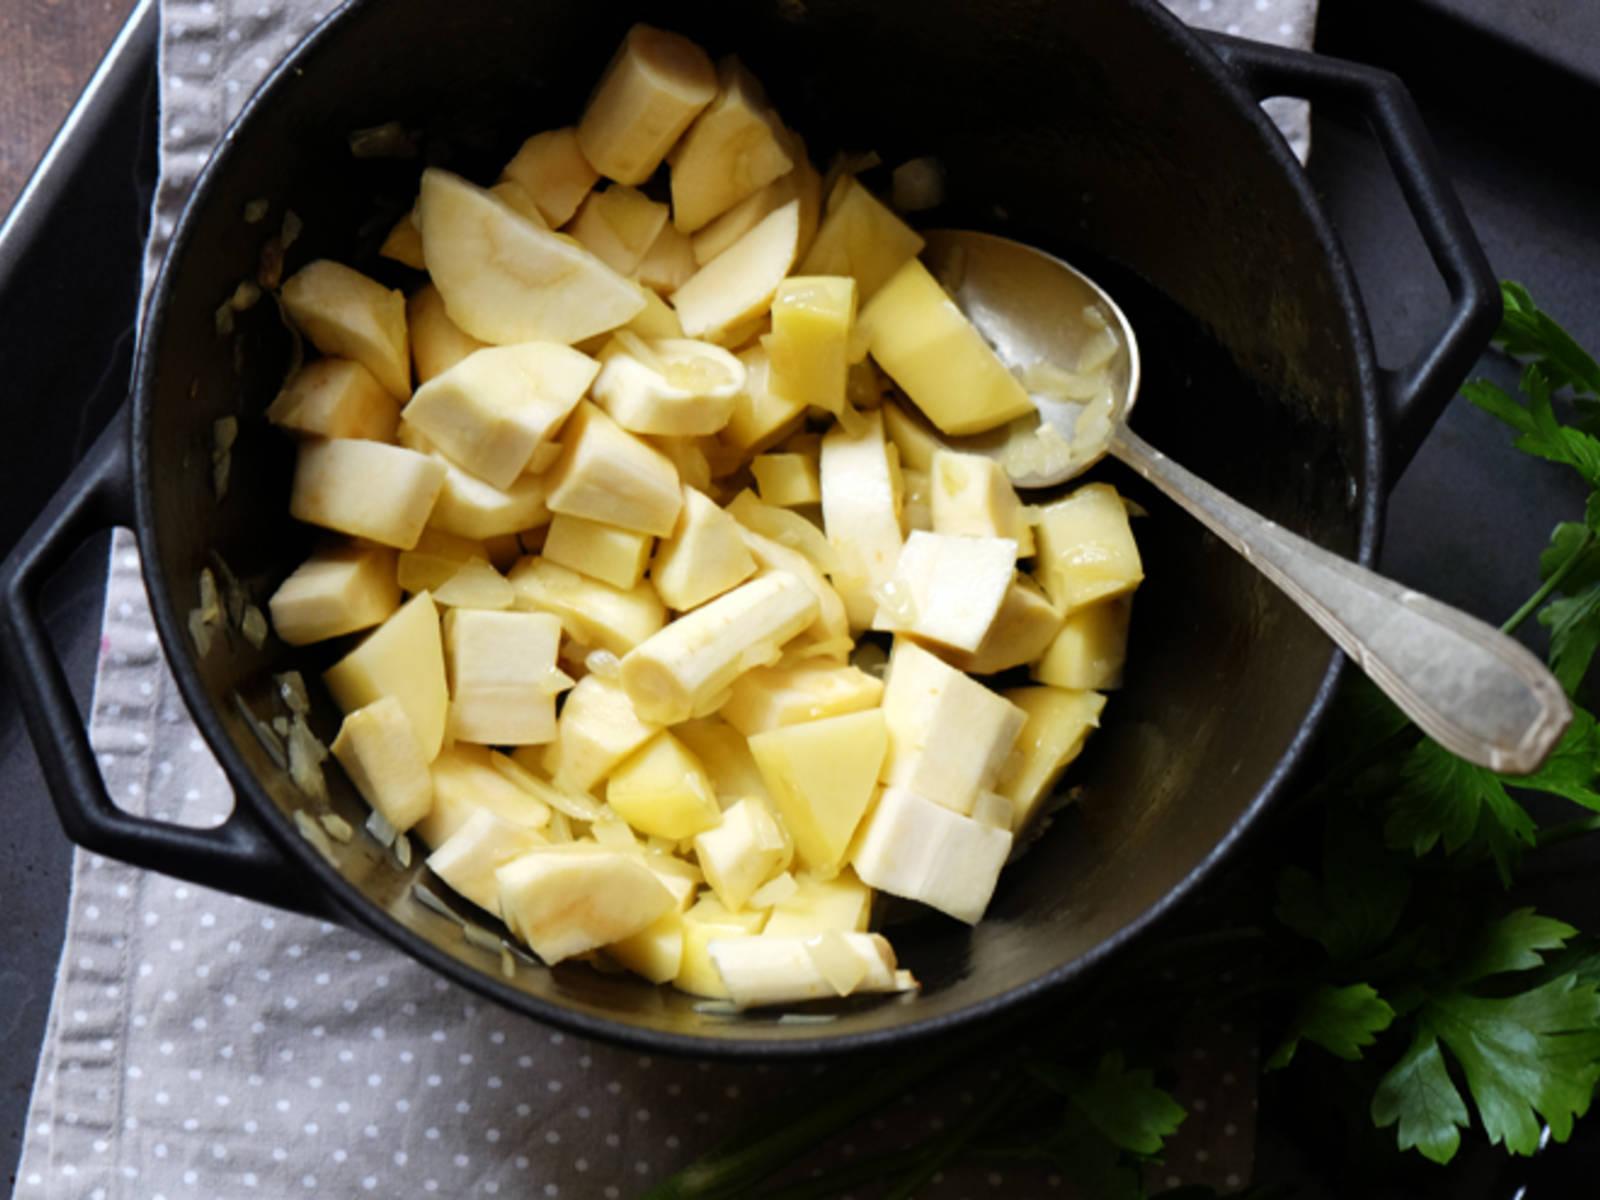 在锅中热油。倒入洋葱,翻炒4分钟,直至洋葱变透明。倒入其它蔬菜,再翻炒3分钟。